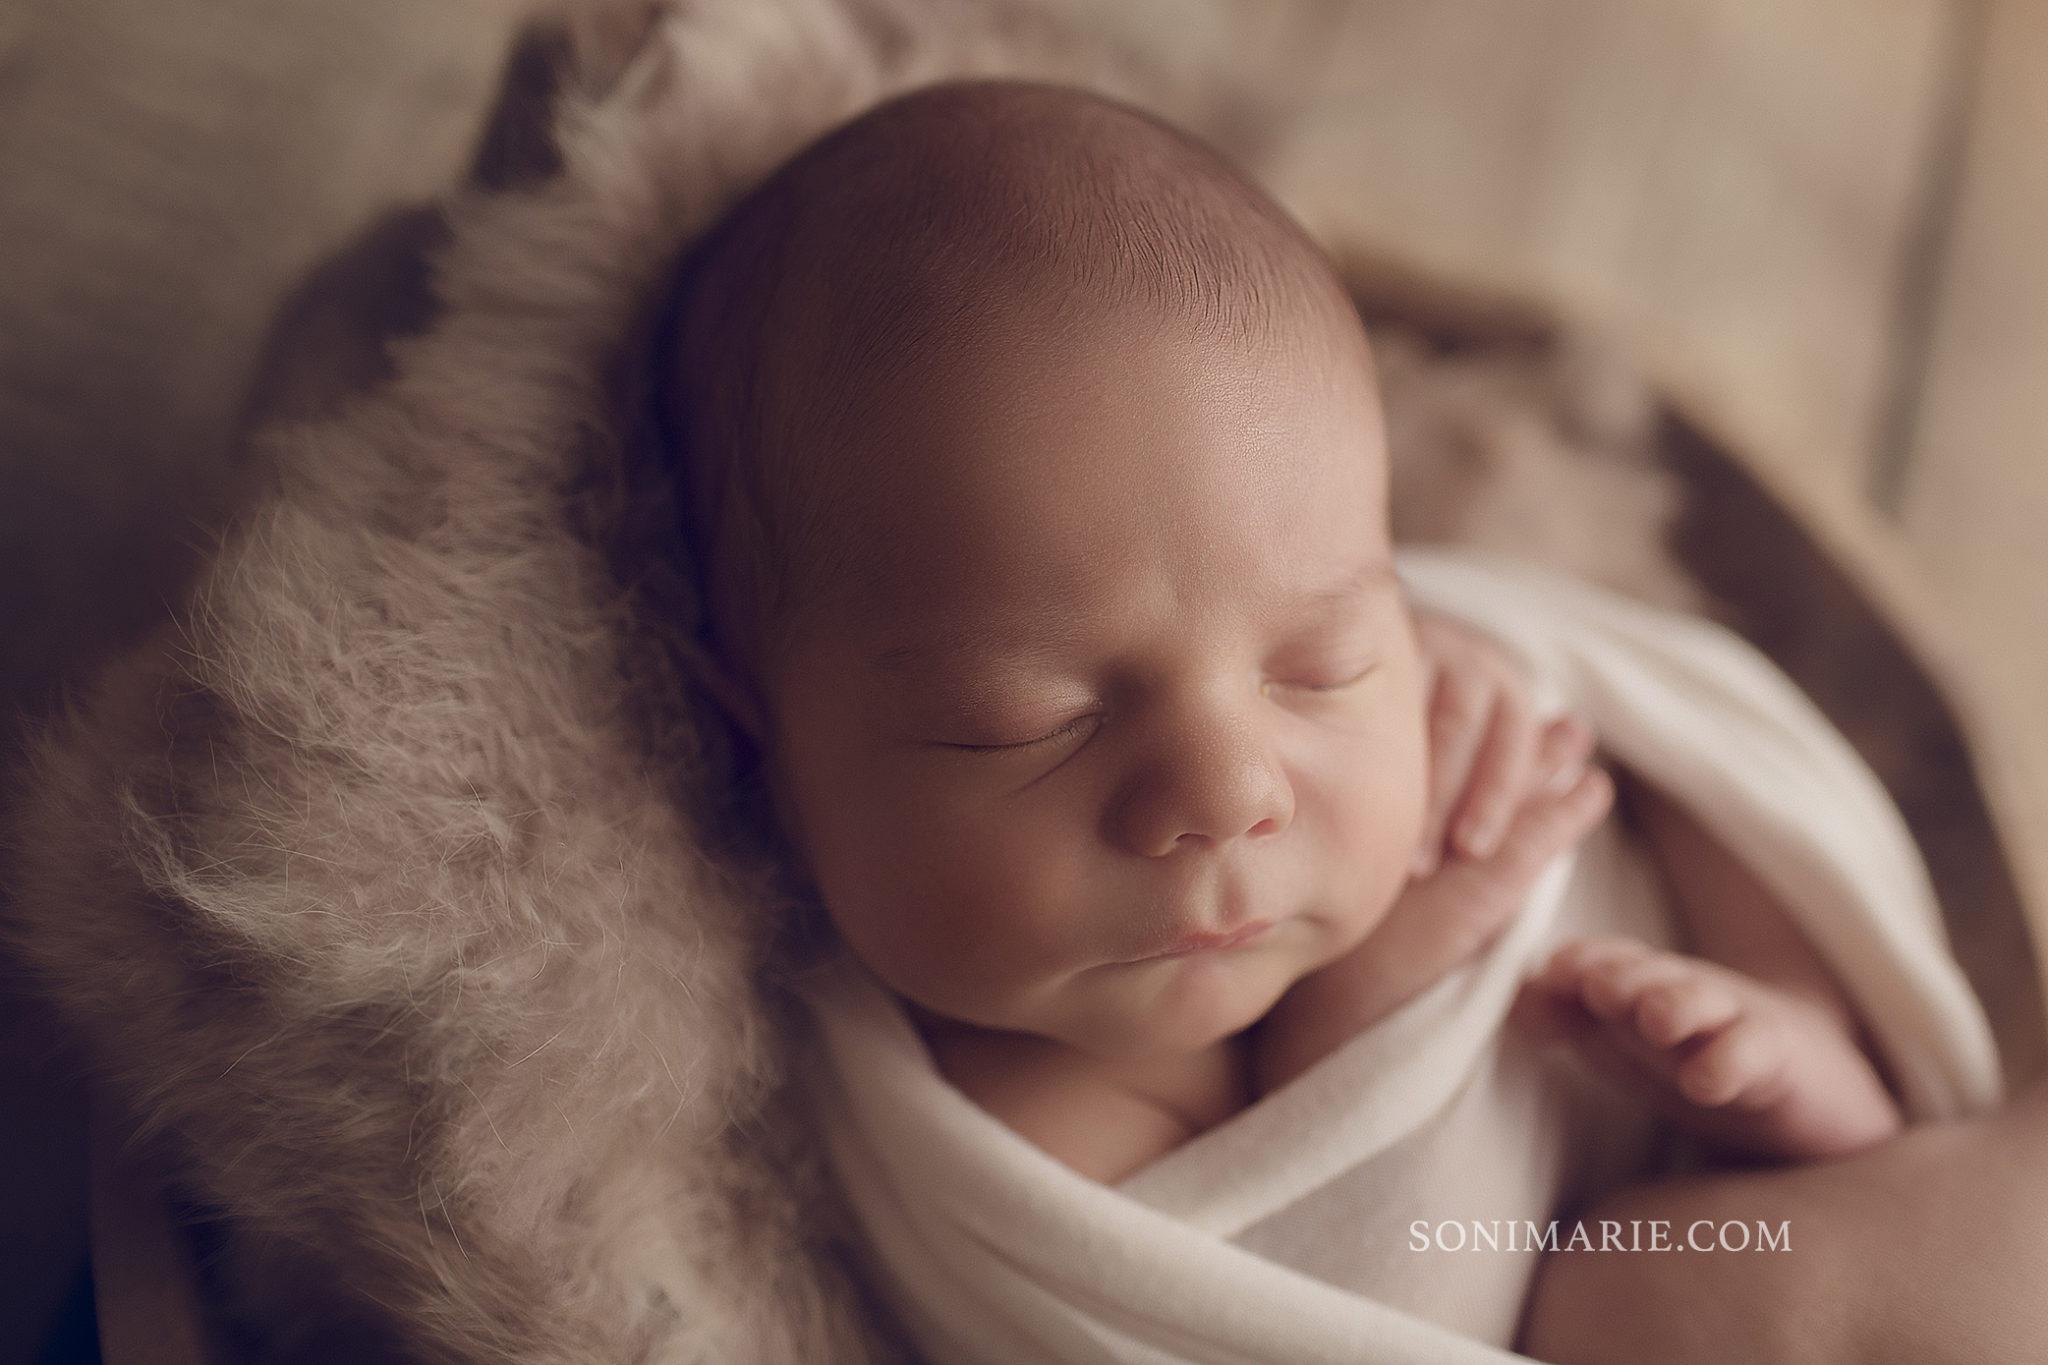 sesja dla noworodka wrocław 901.jpg